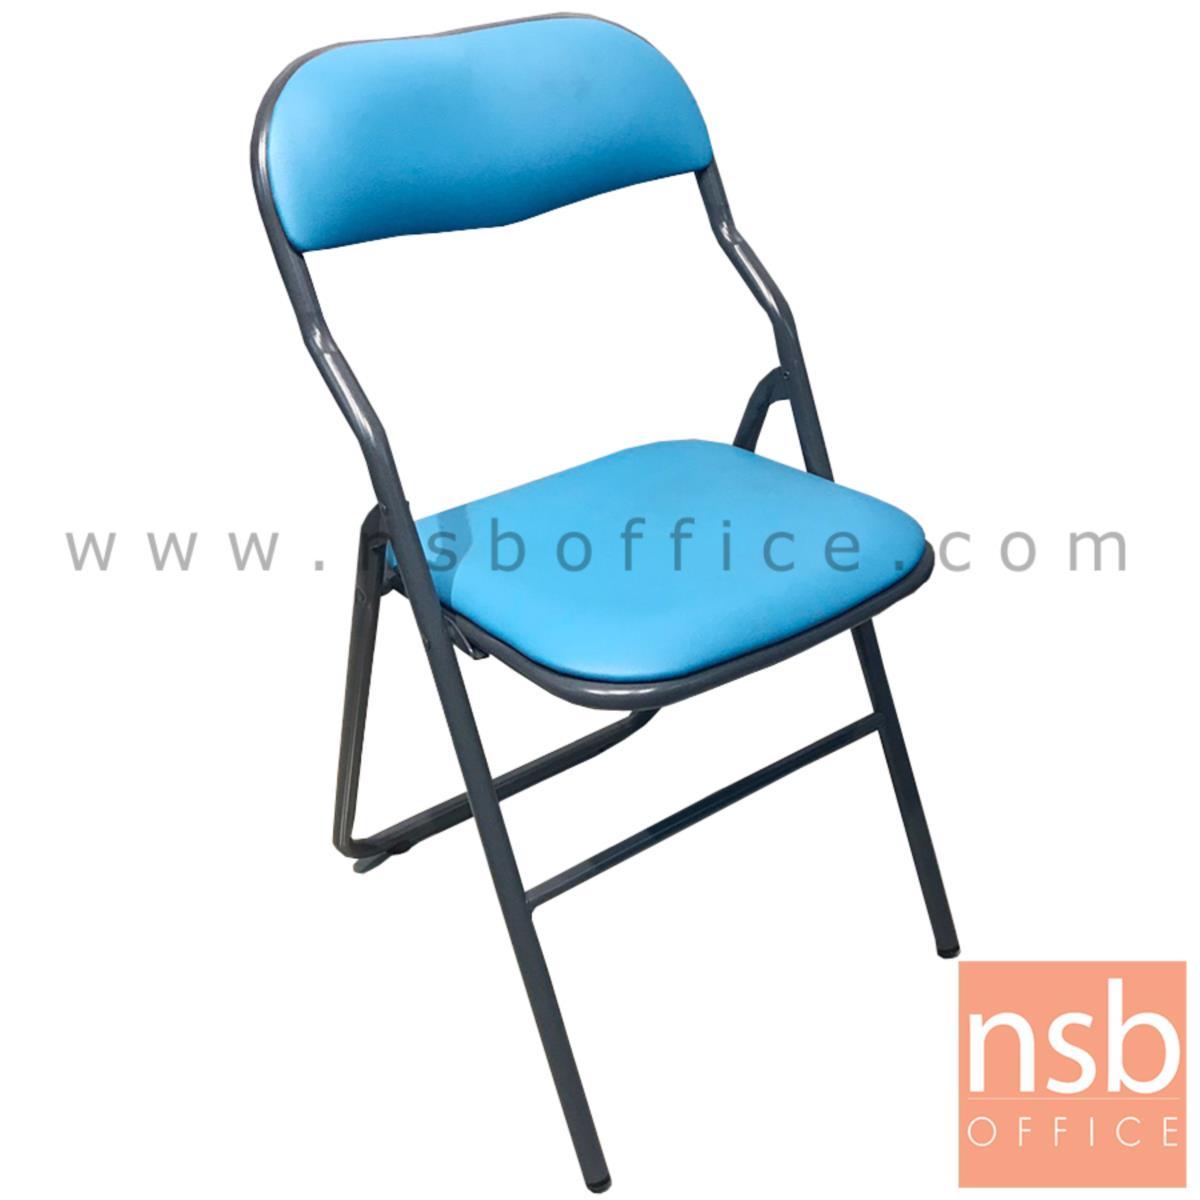 B10A090:เก้าอี้อเนกประสงค์พับได้ รุ่น ZINNIA (ซินเนีย) ขนาด 37W cm. โครงขาสีเทา